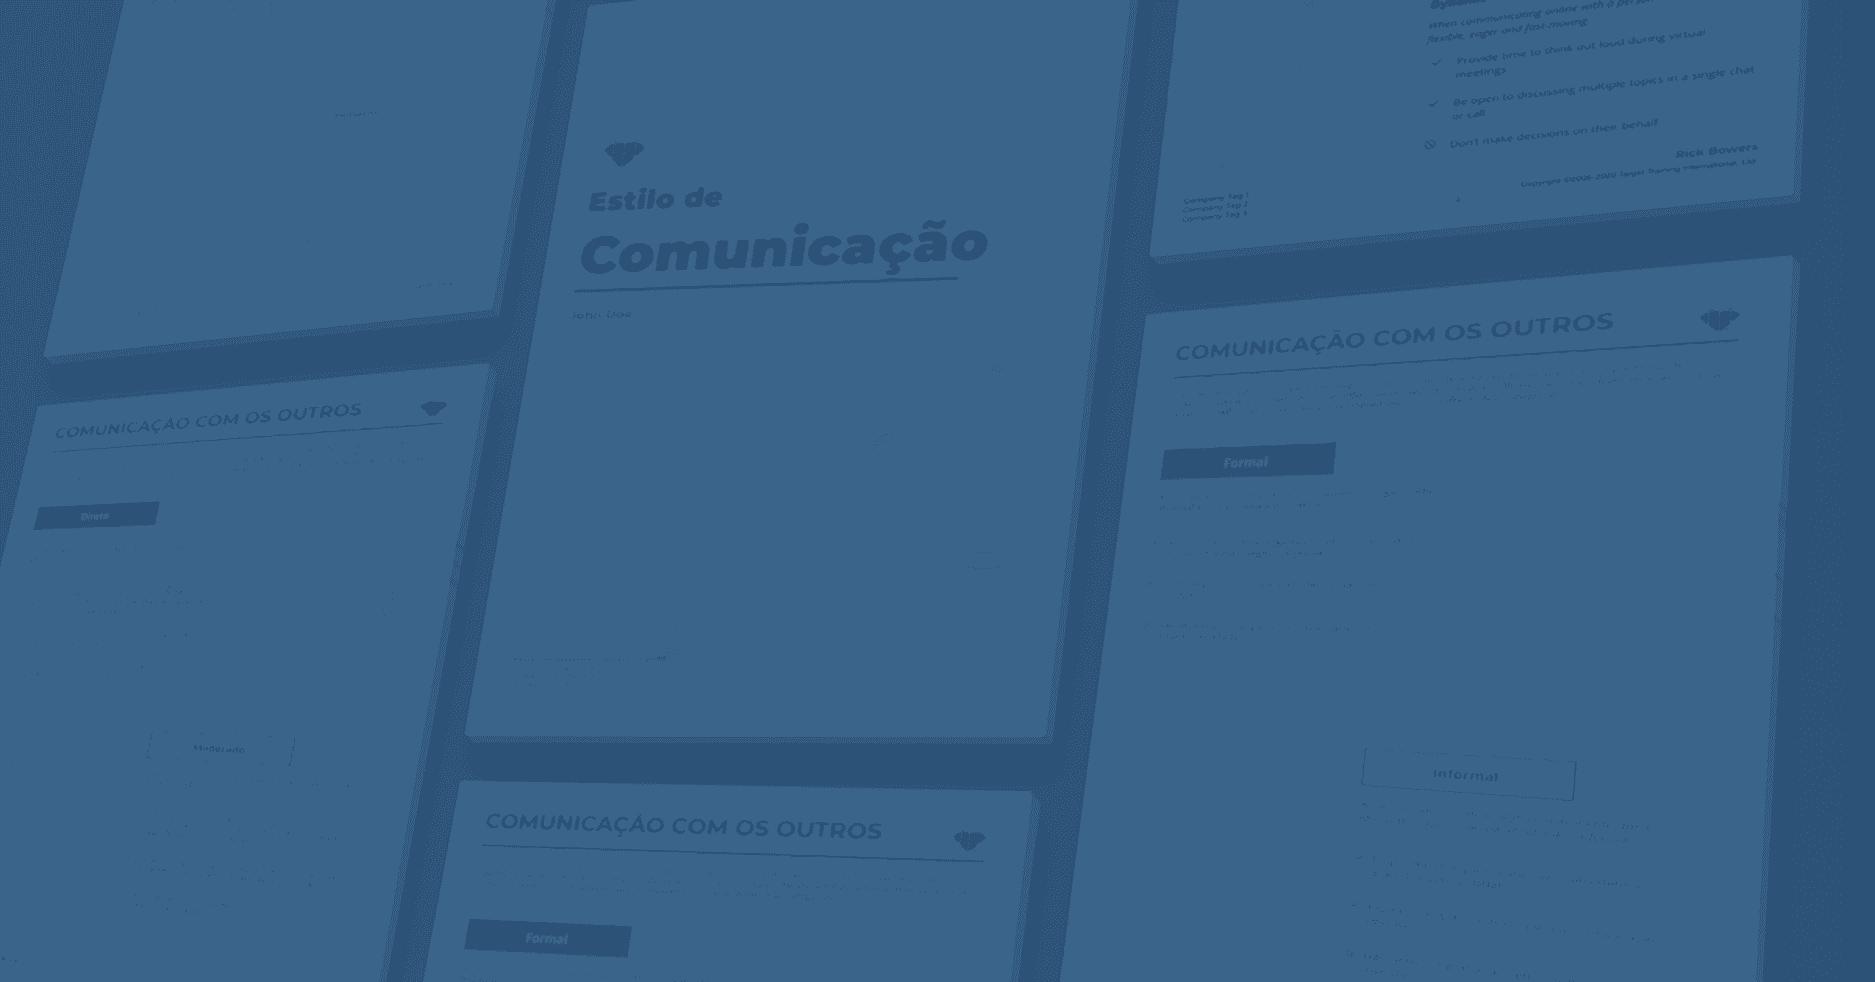 Banner Estilo de Comunicação